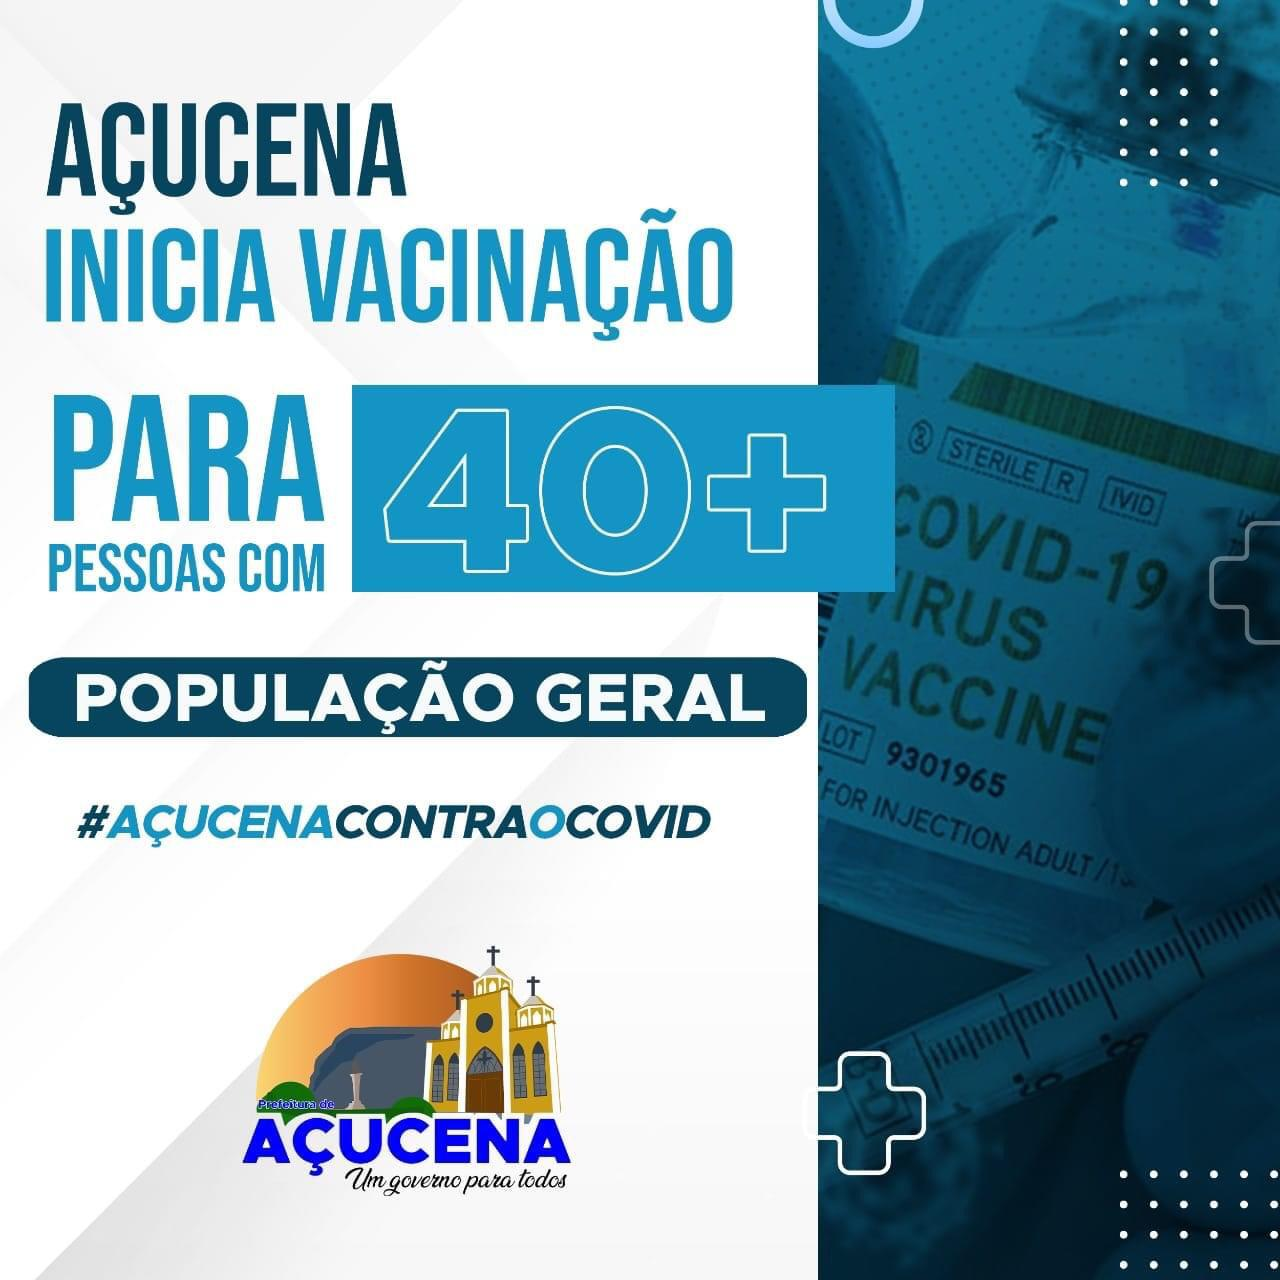 AÇUCENA INICIA VACINAÇÃO PARA PESSOAS ACIMA DE 40 ANOS